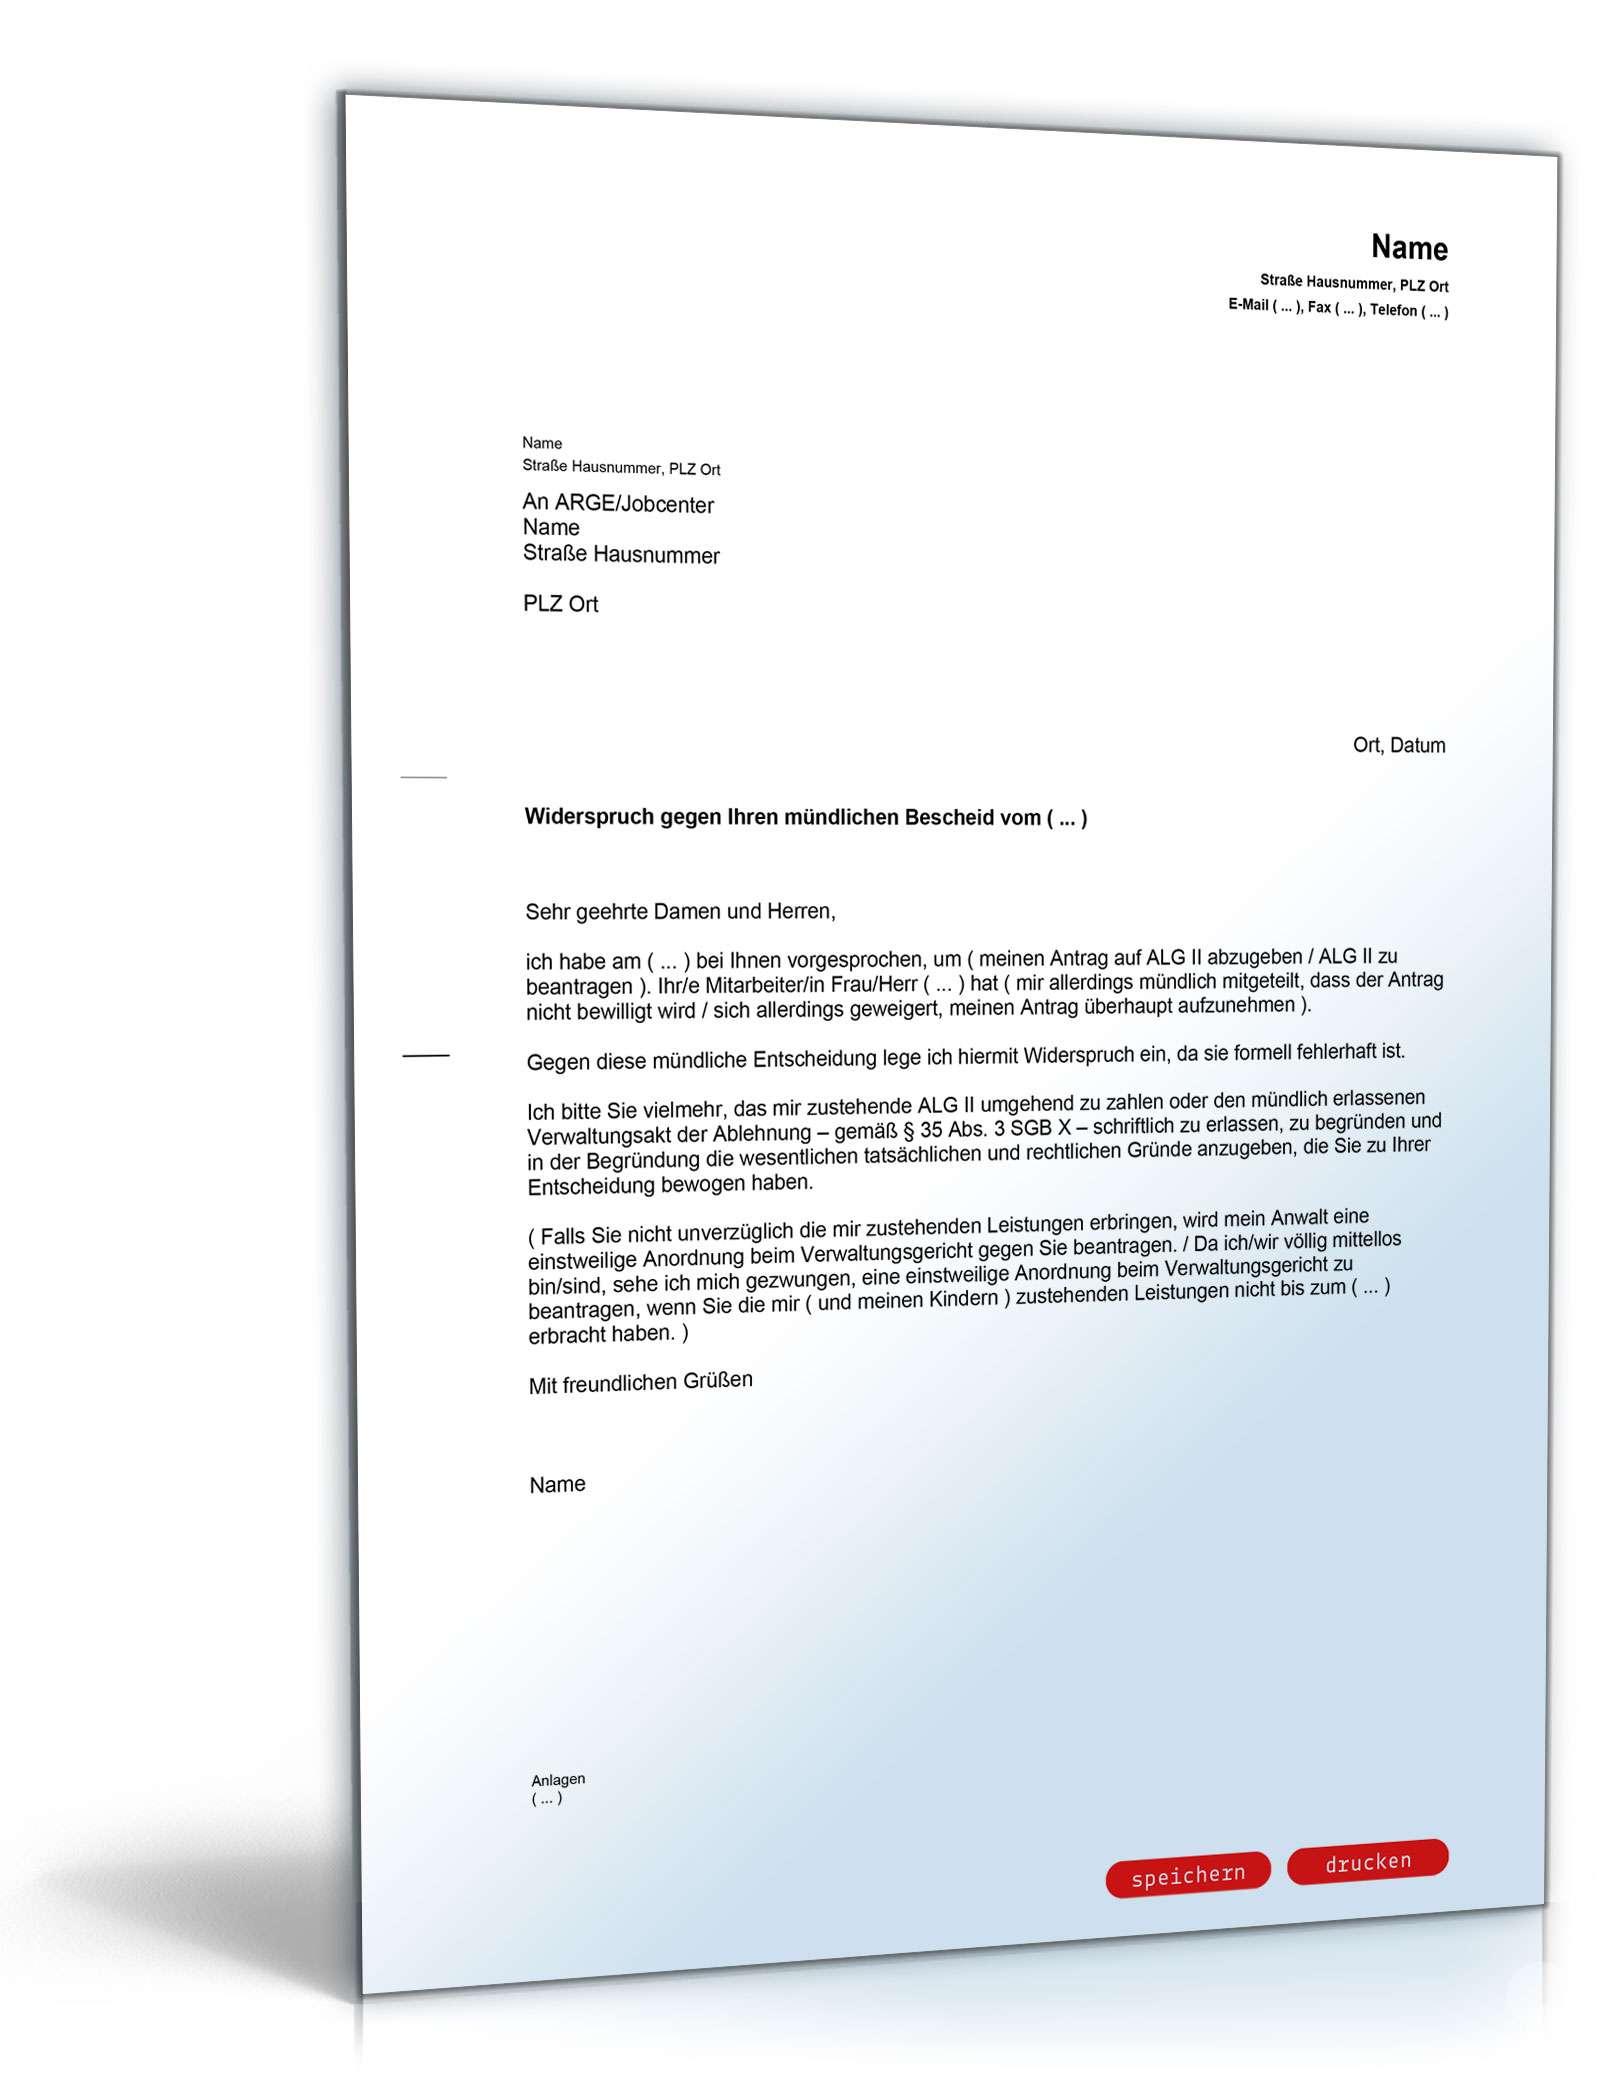 widerspruch mndlicher ablehnungsbescheid alg ii vorlage zum download - Einstweilige Verfugung Muster